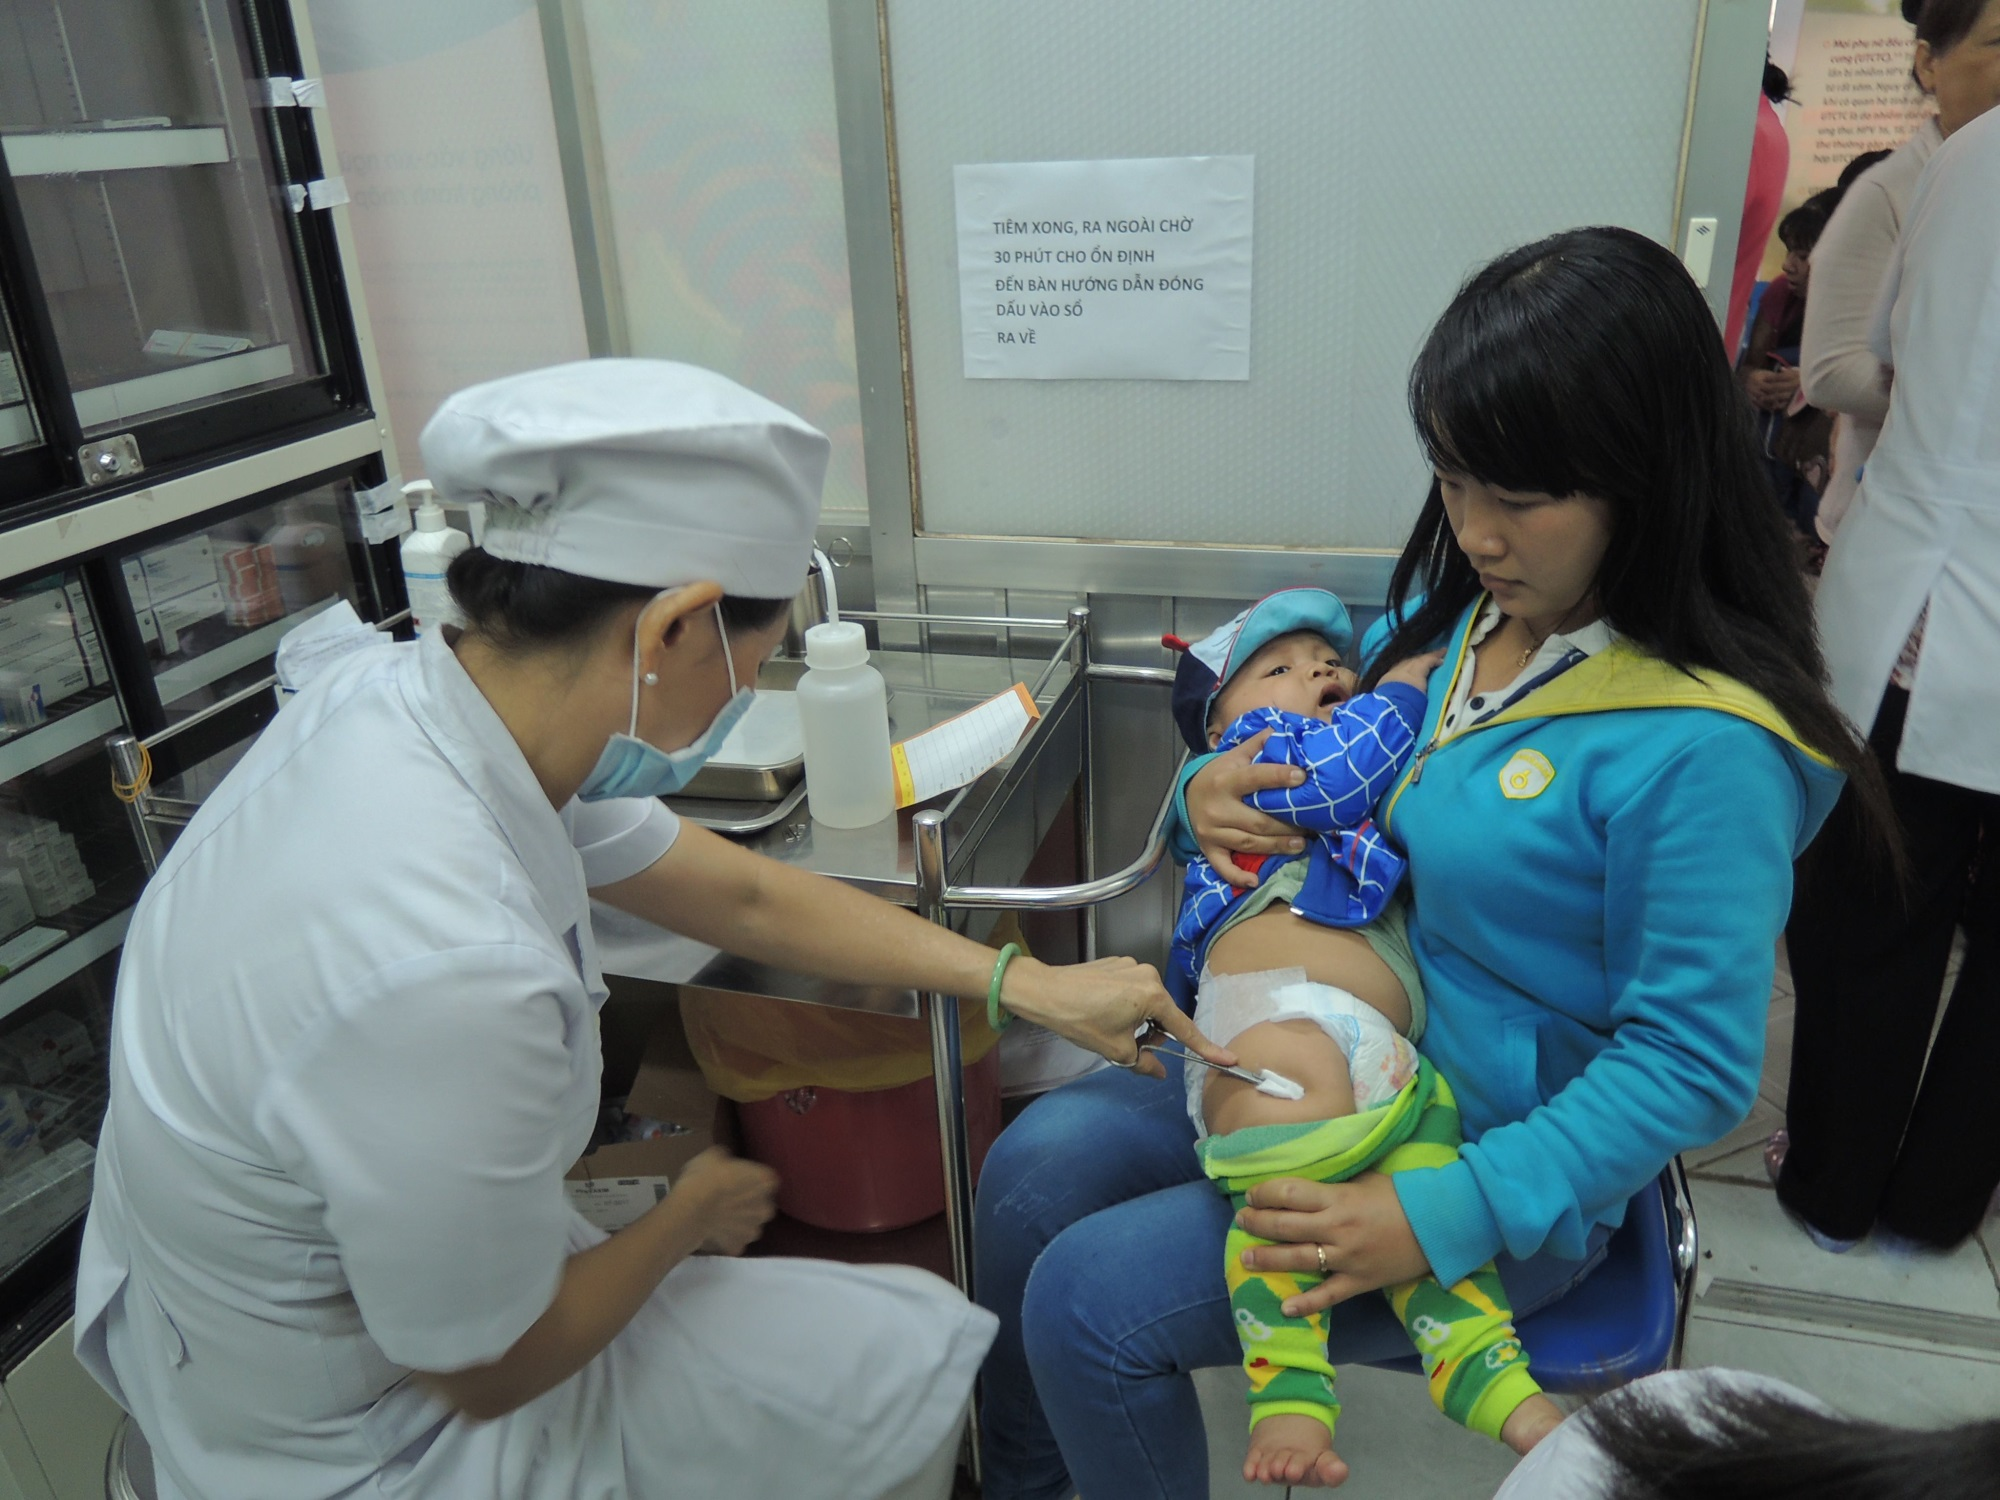 Hết vắc xin 5 trong 1 Quinvaxem, nhiều phụ huynh lo lắng - Ảnh 2